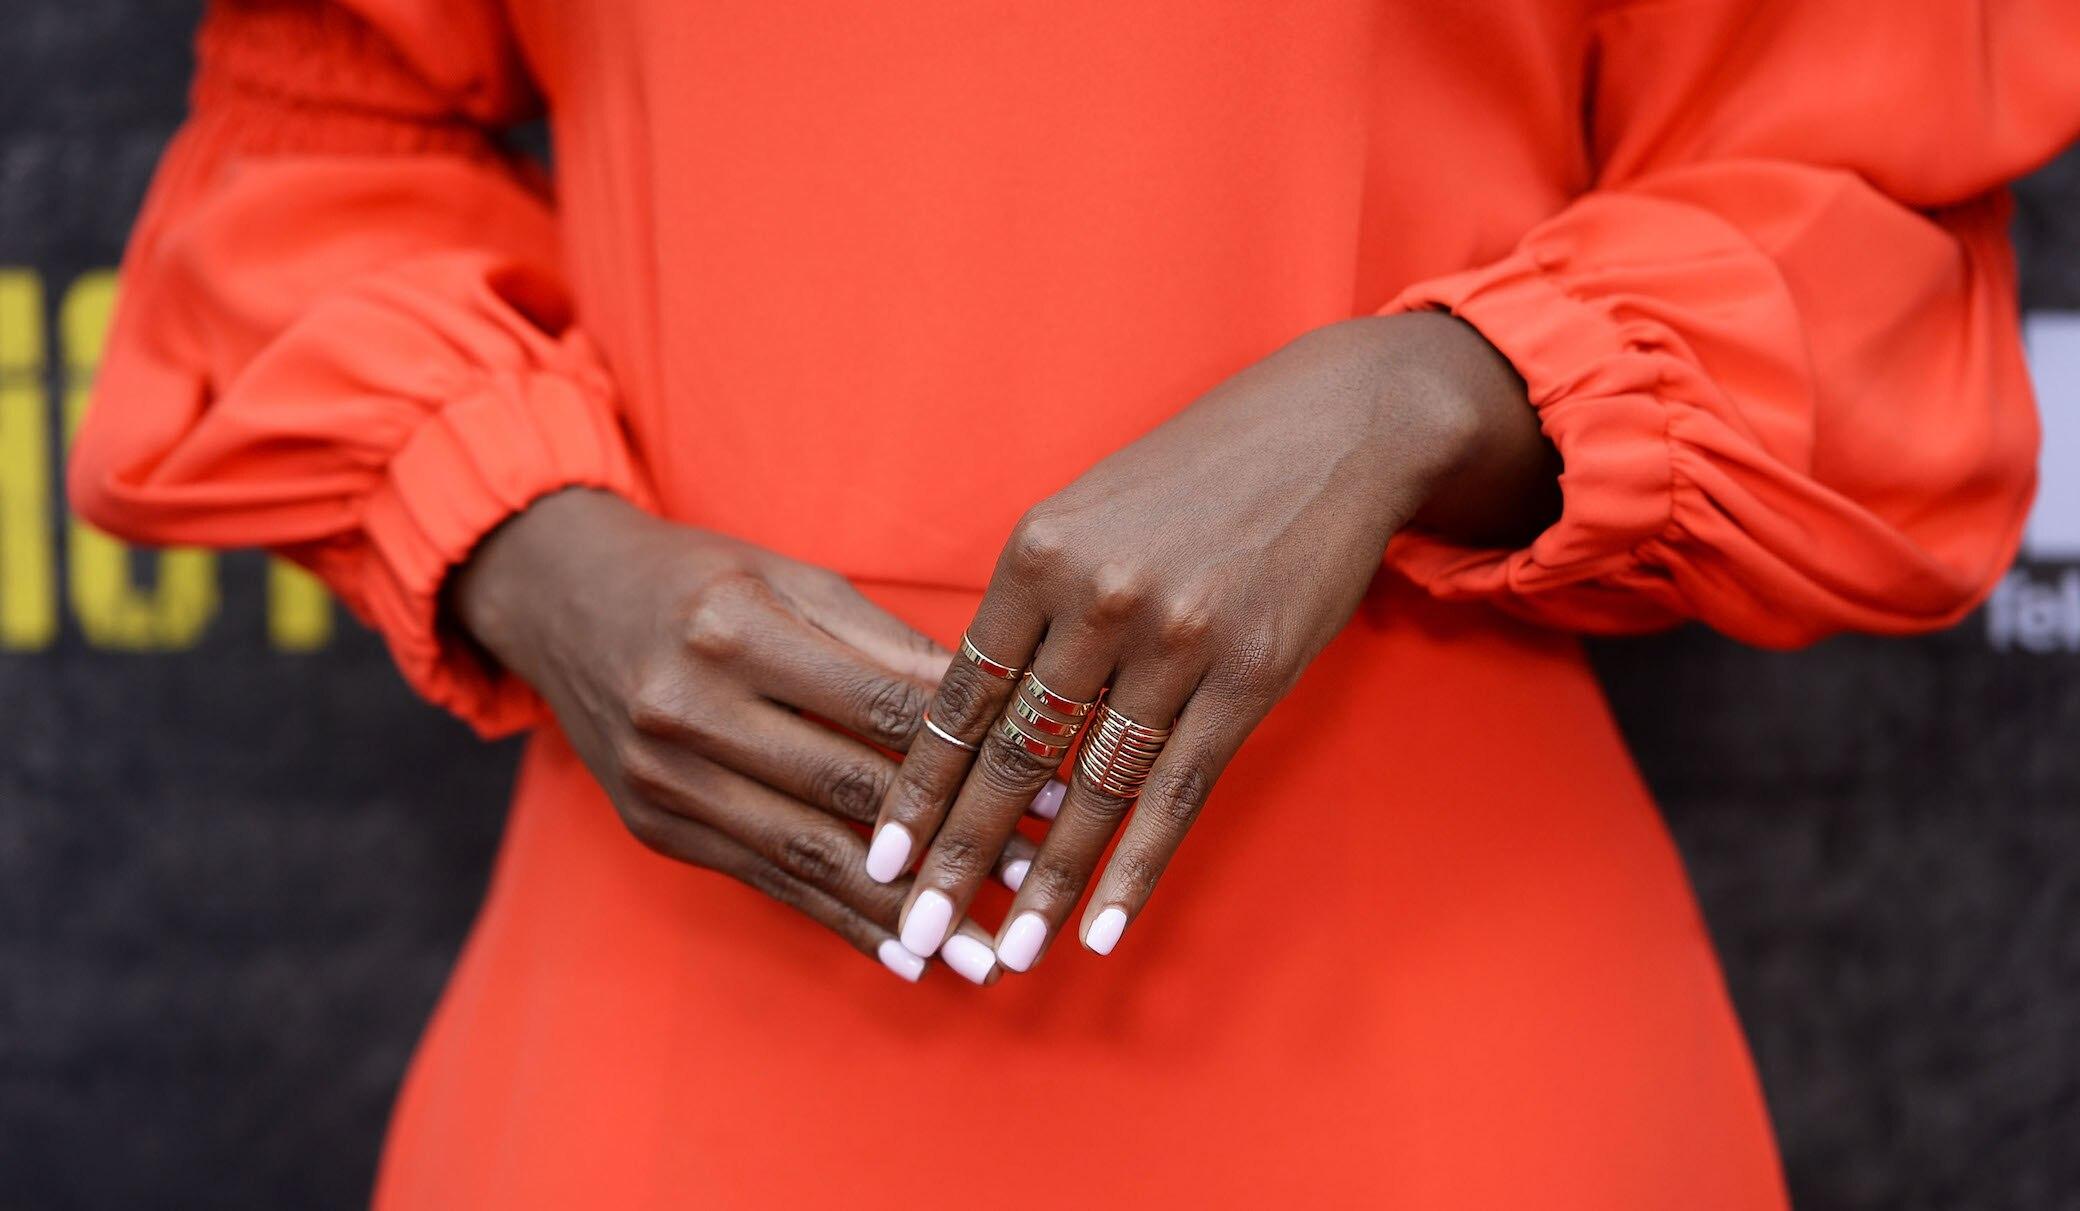 Nagelform 2018: Das sind die Trends für schöne Hände | STYLEBOOK